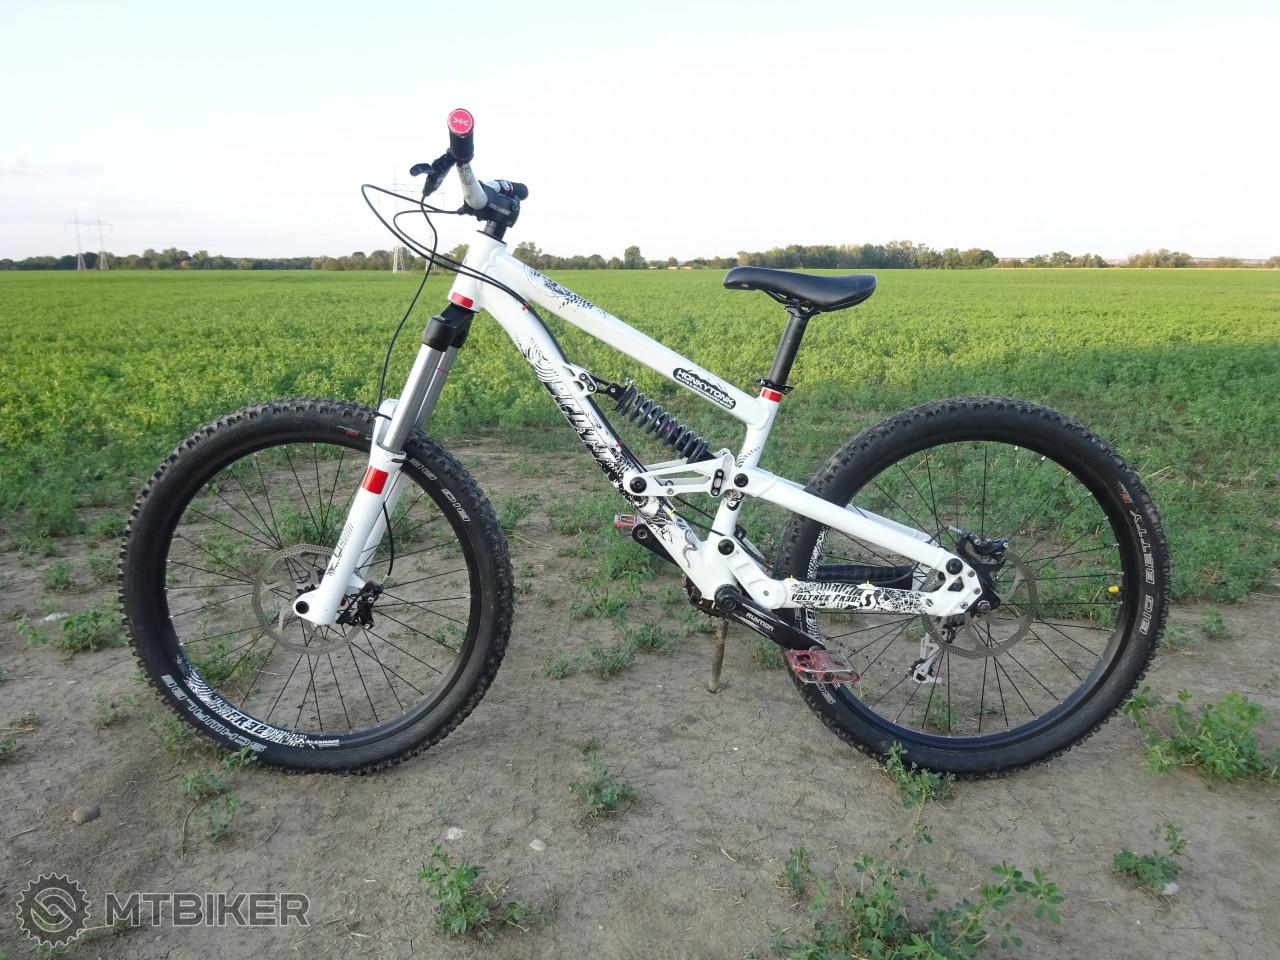 f5fcf0276 Predám Scott Voltage Fr30 2011 - Veľkosť S (výška Cca 165-180cm) - Bicykle  - Celoodpružené - Bazár MTBIKER